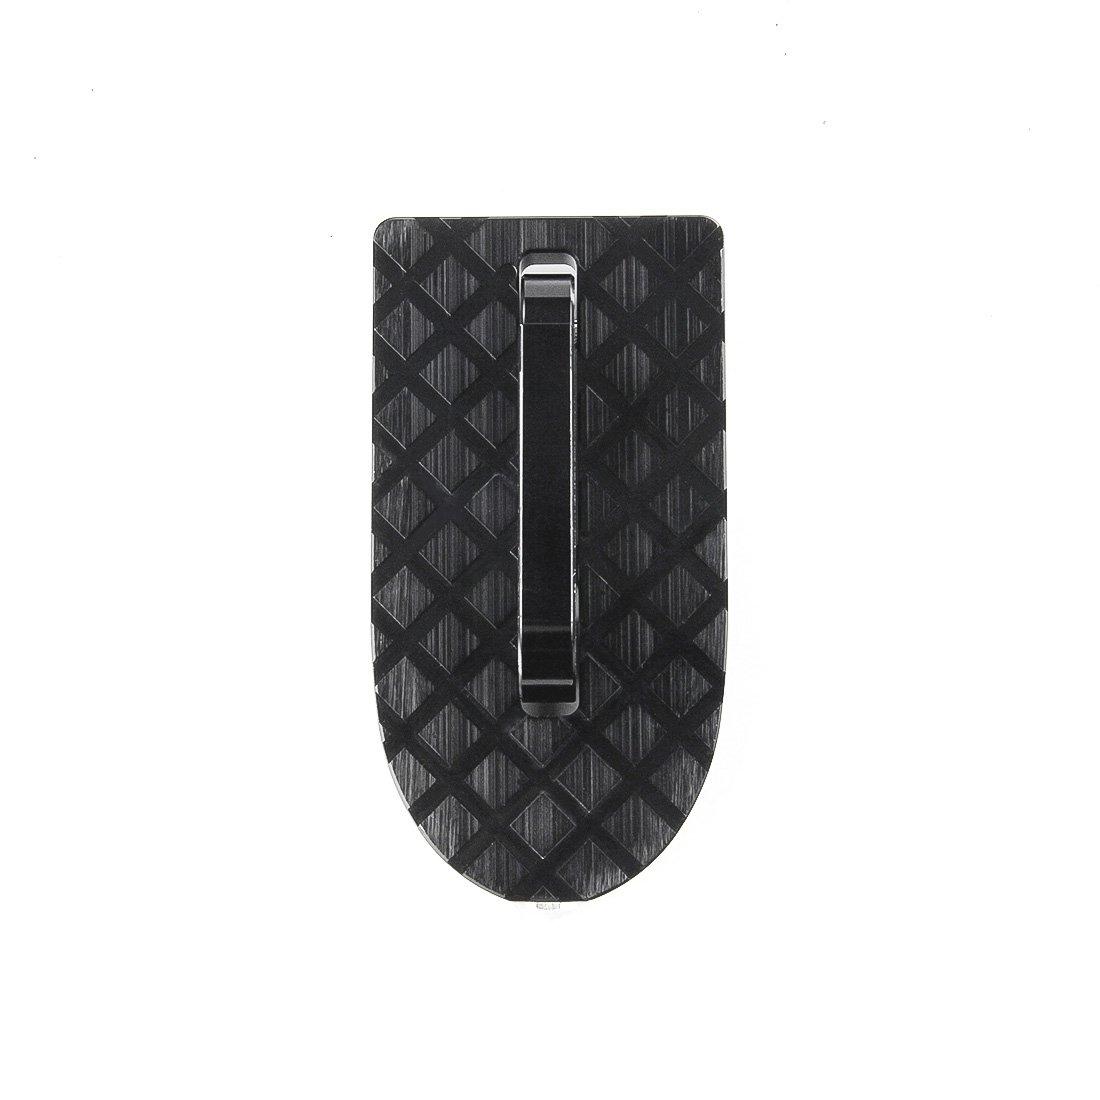 Pestillo de Puerta con Gancho en Forma de U con funci/ón de Martillo de Seguridad Escalera Plegable para Coche SUV Techo multifunci/ón negro brillante